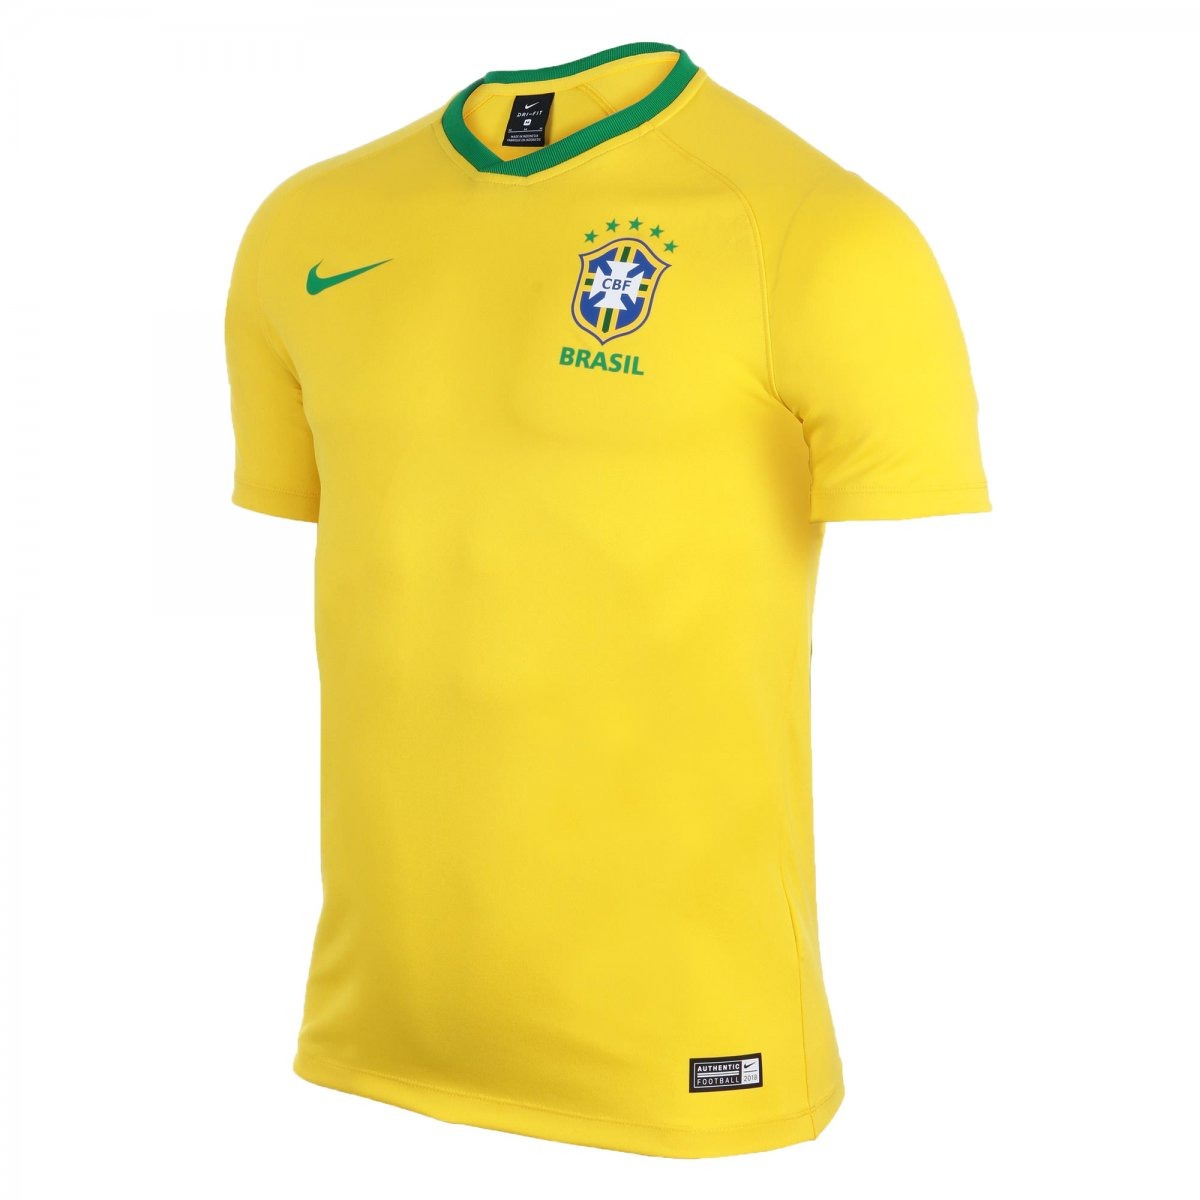 3a102e2208 Camisa Nike Cbf Brasil Torcedor Estádio 2018 19 893853